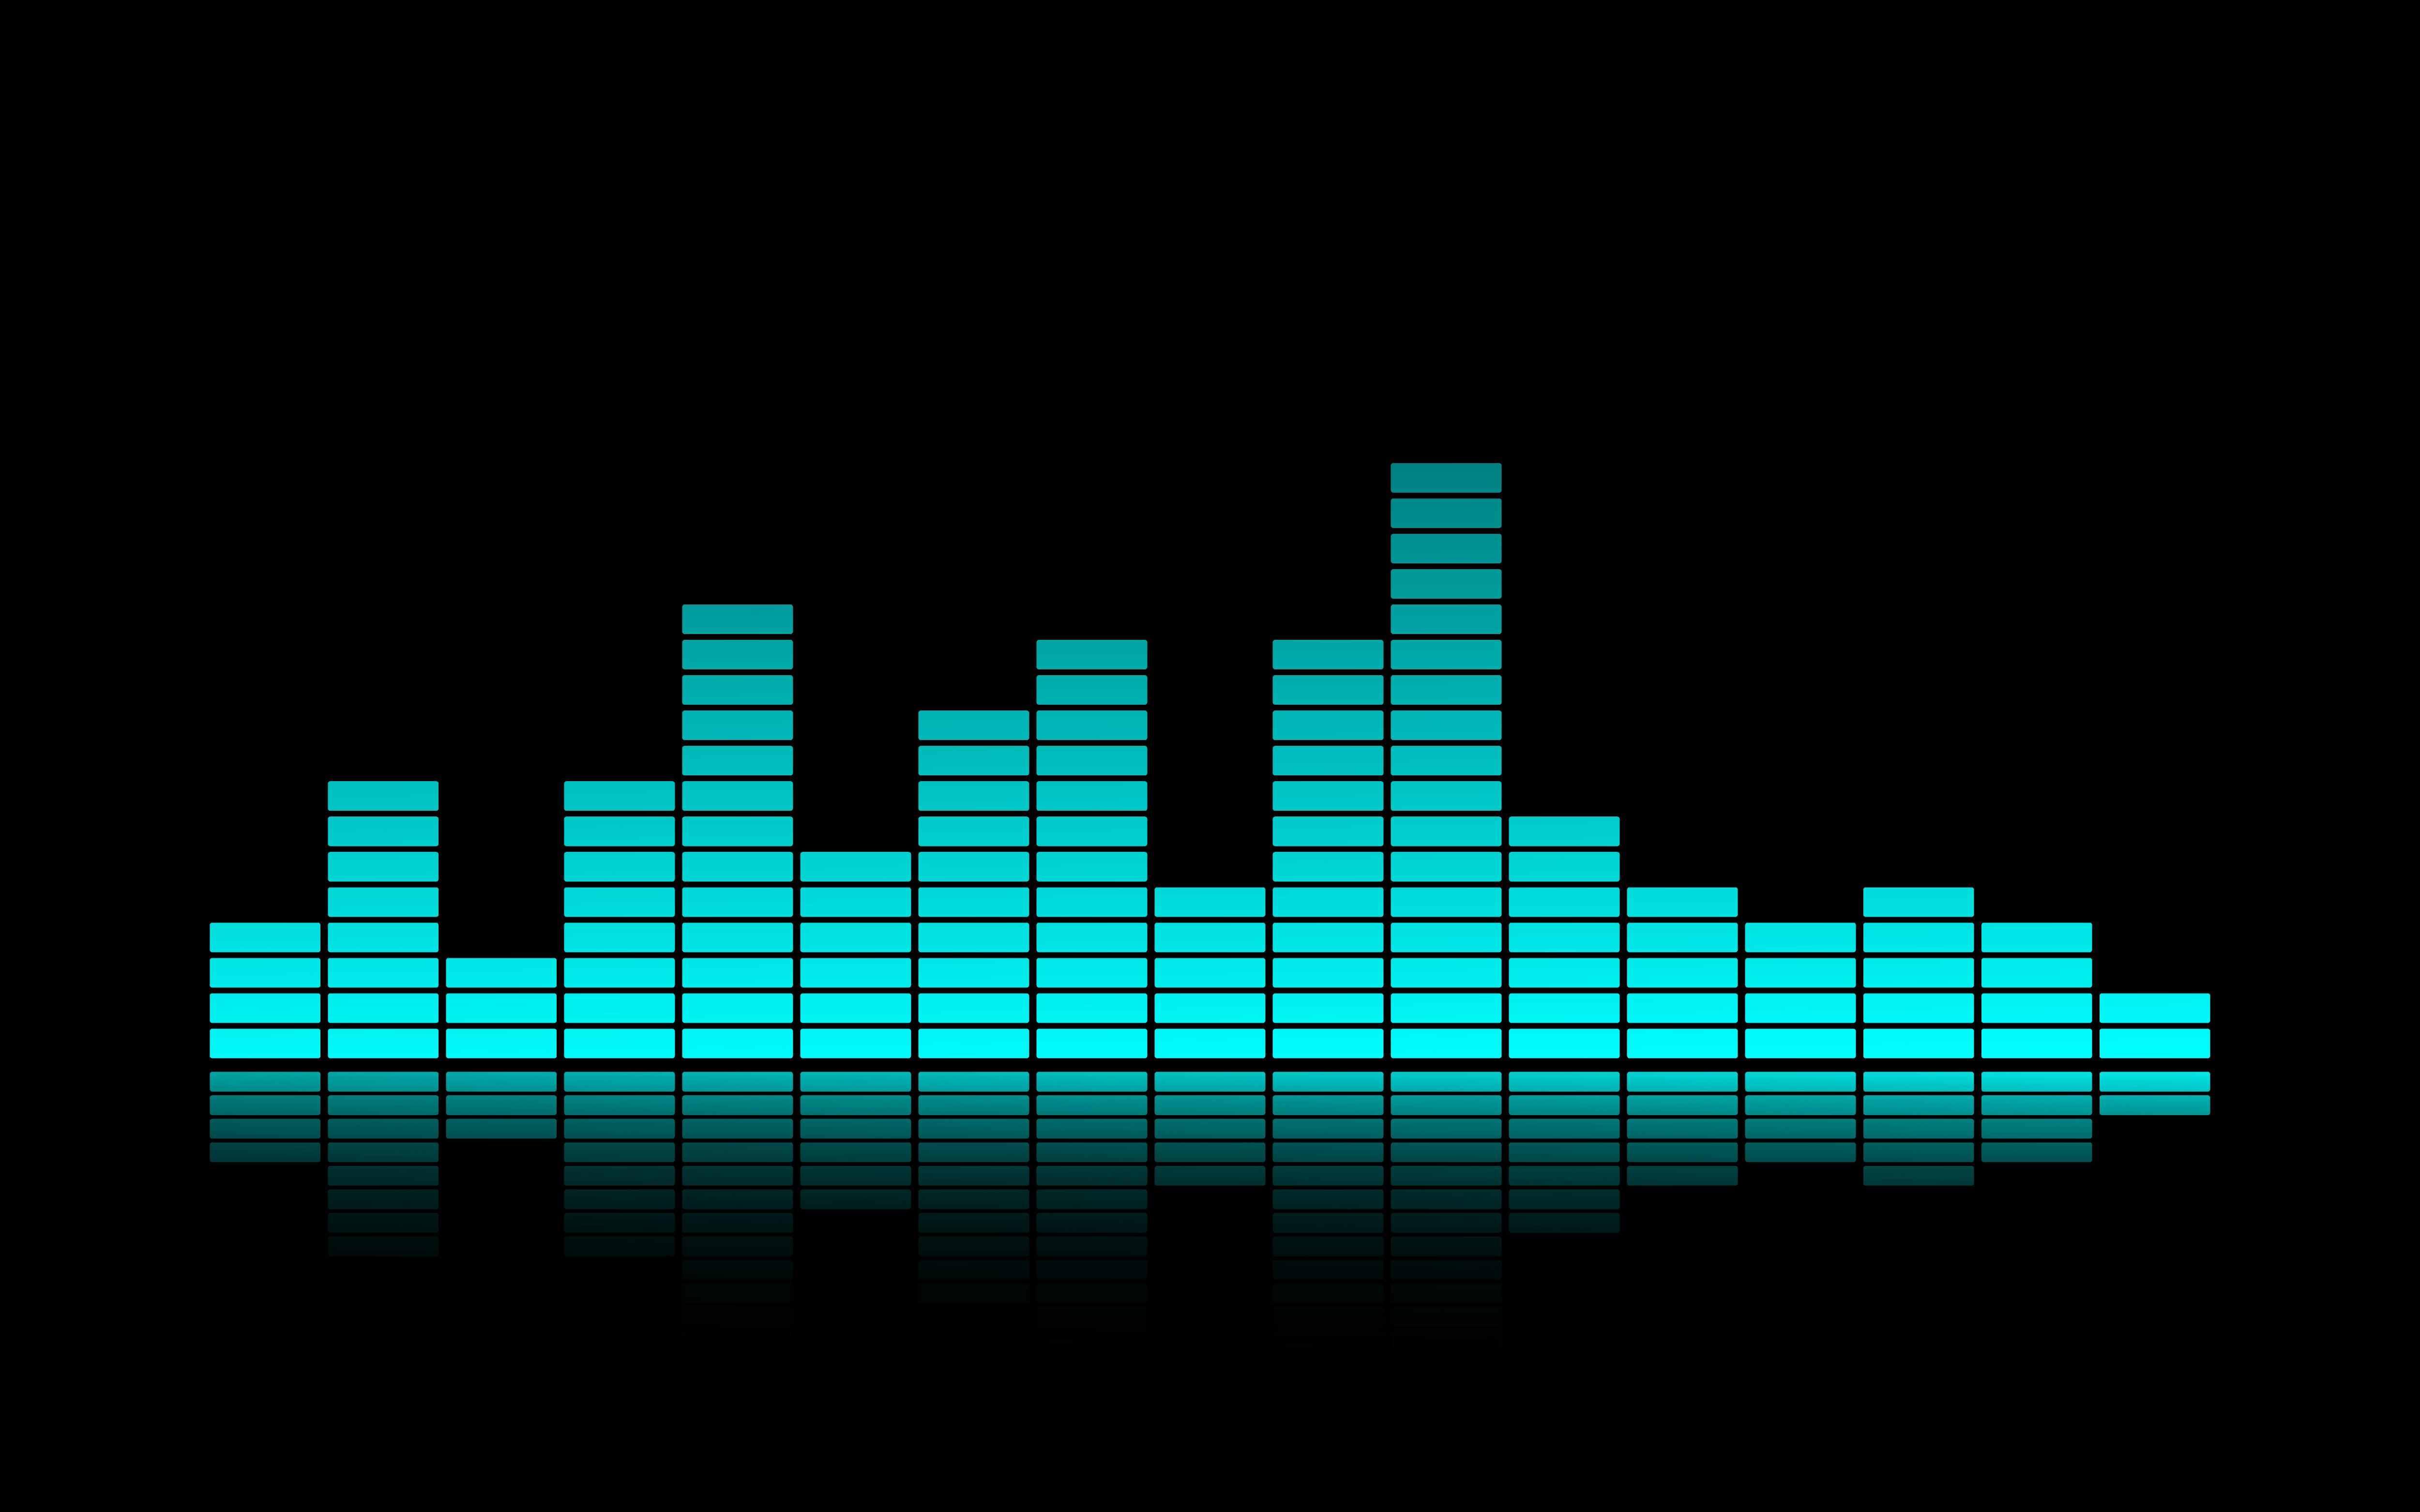 картинки звуковых индикаторов несколько панелей